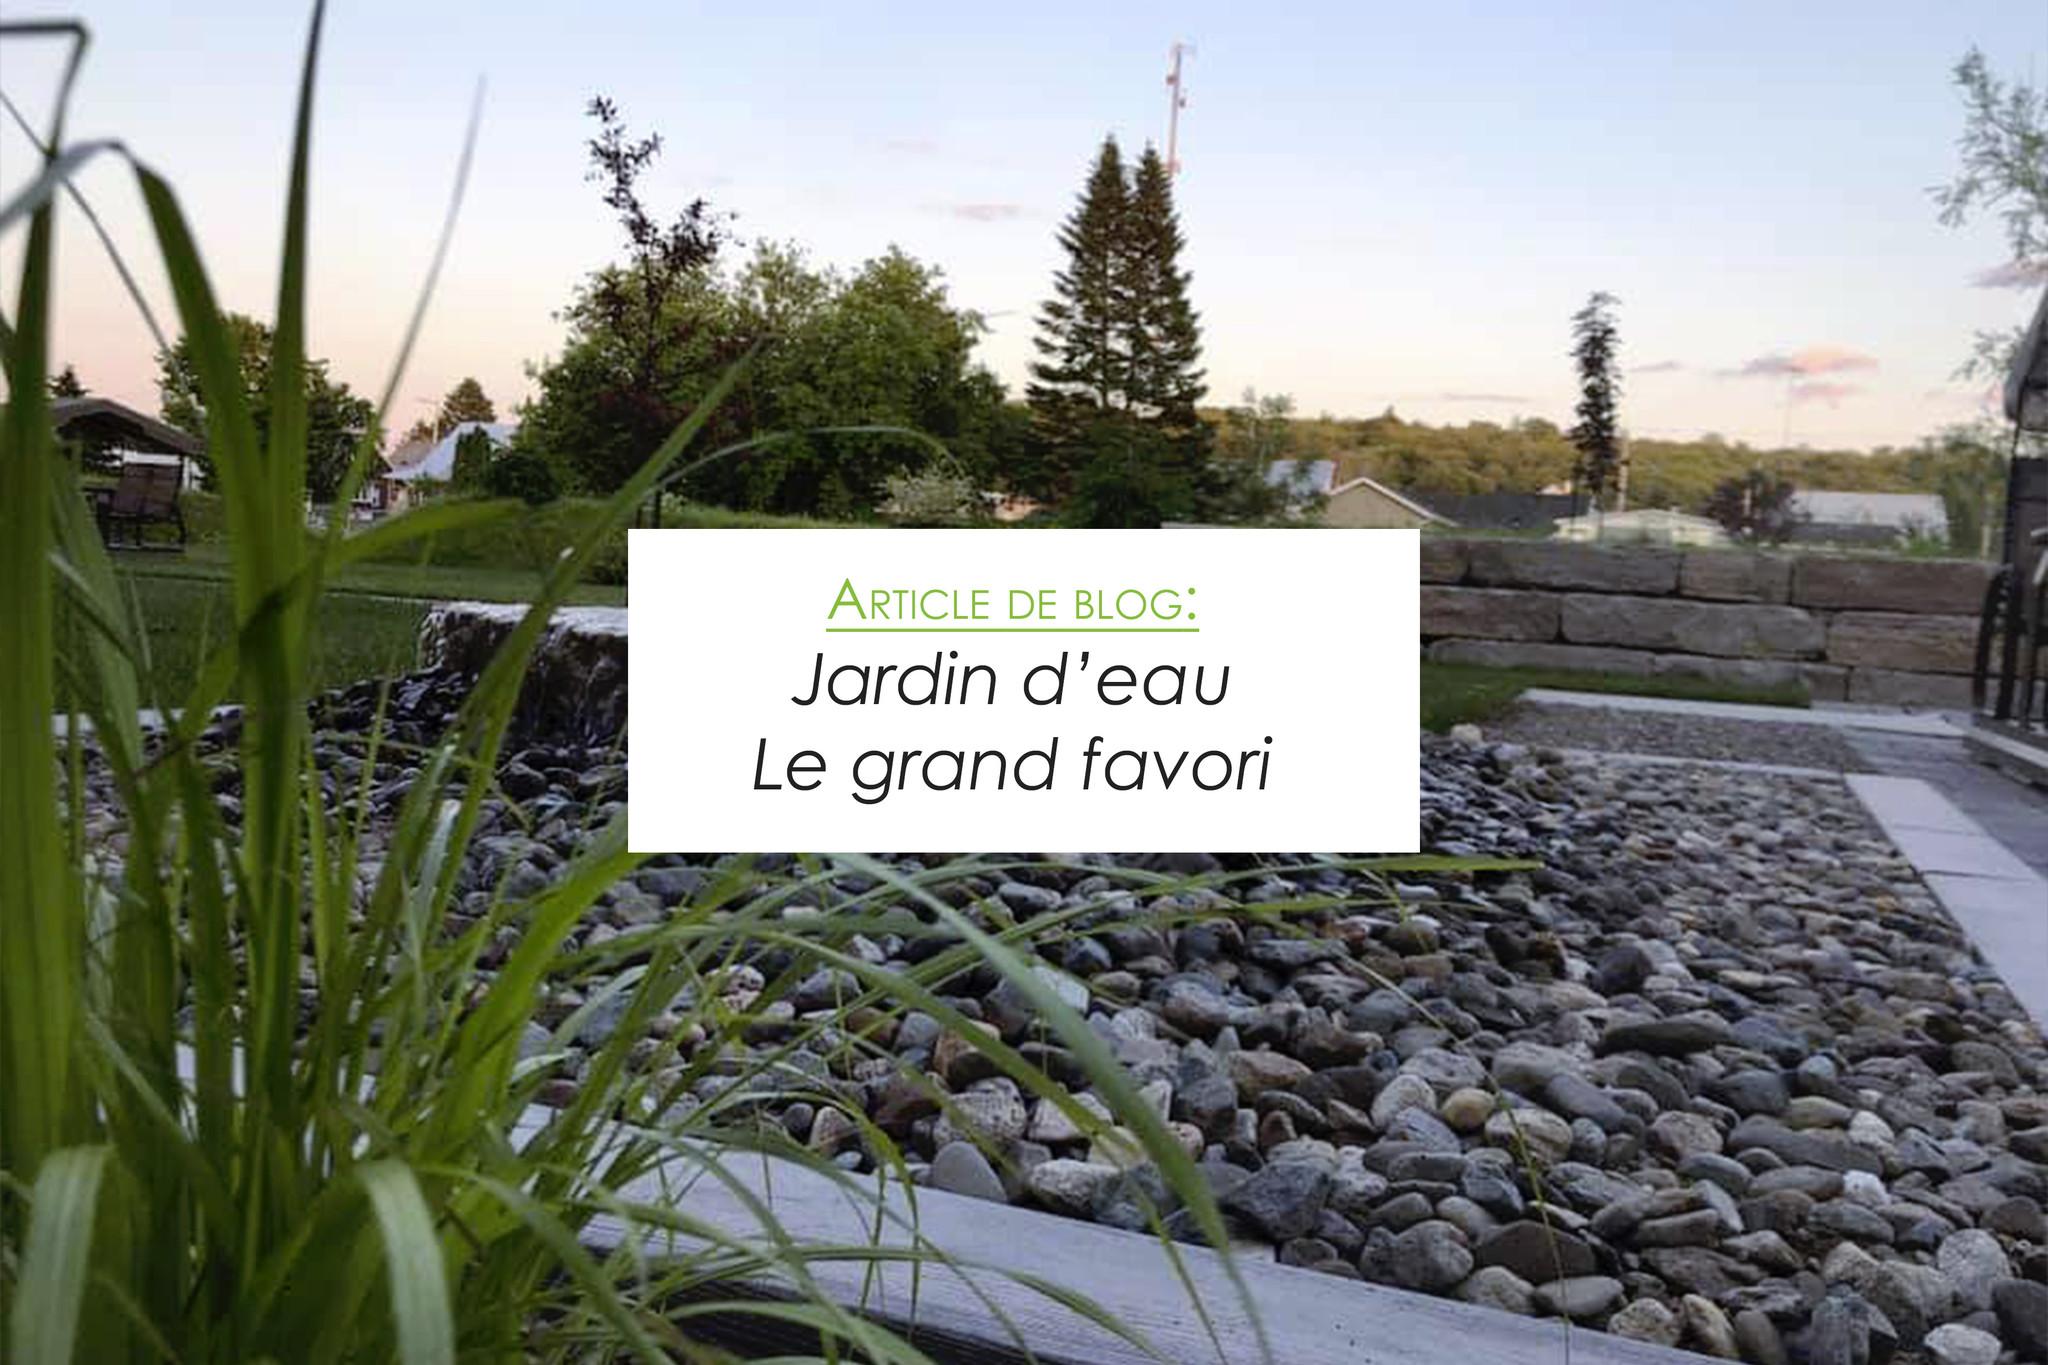 Jardin d'eau - le grand favori